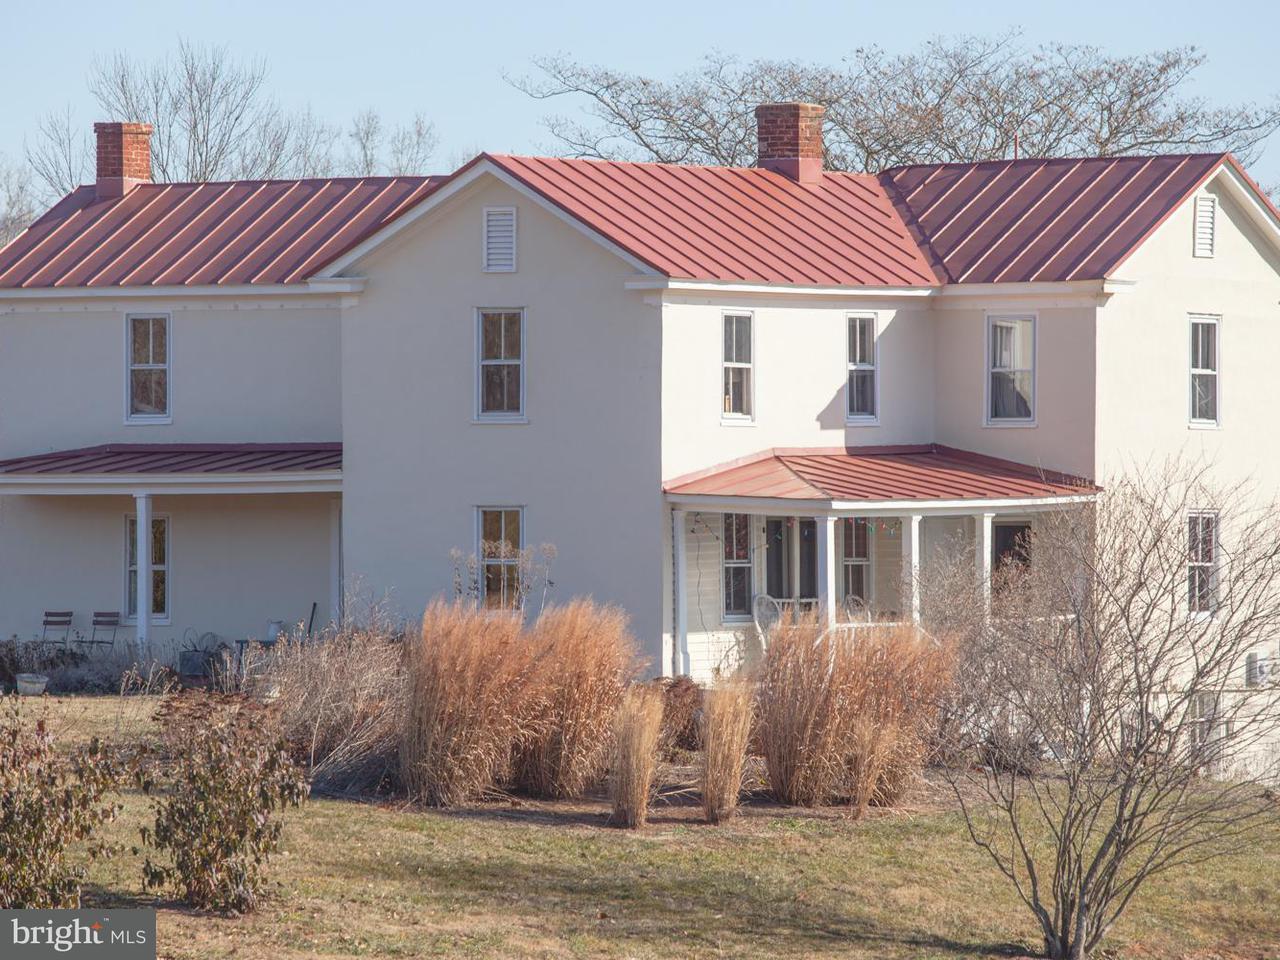 农场 为 销售 在 92 Sandy Hook Lane 92 Sandy Hook Lane Huntly, 弗吉尼亚州 22640 美国